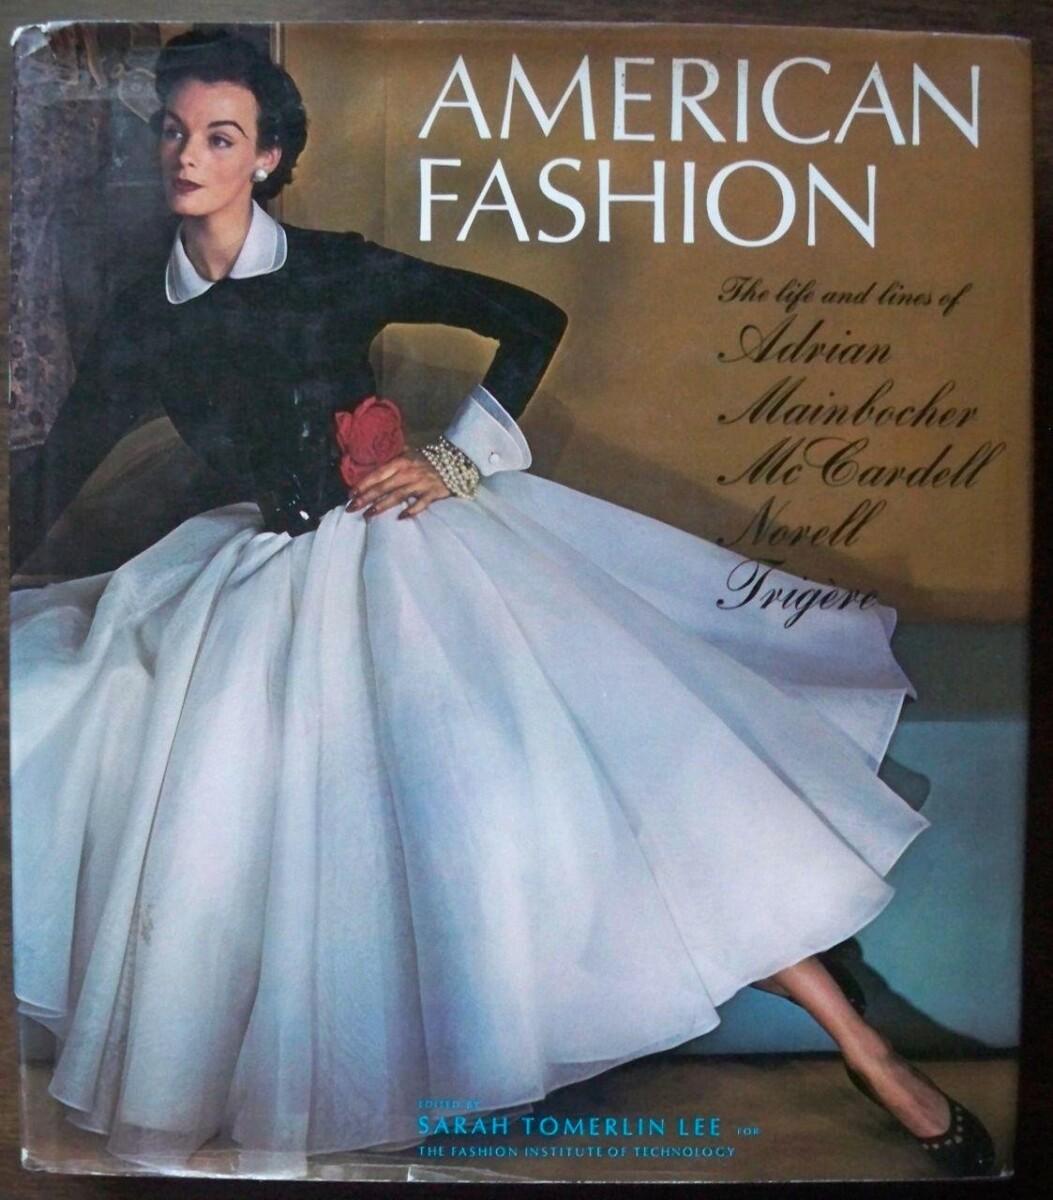 Een boek van Sarah Tomerlin Lee over o.a. Mainbocher (1975, te koop bij Amazon) met op het omslag een jurk die veel lijkt op het door Nancy Mitford beschreven exemplaar.